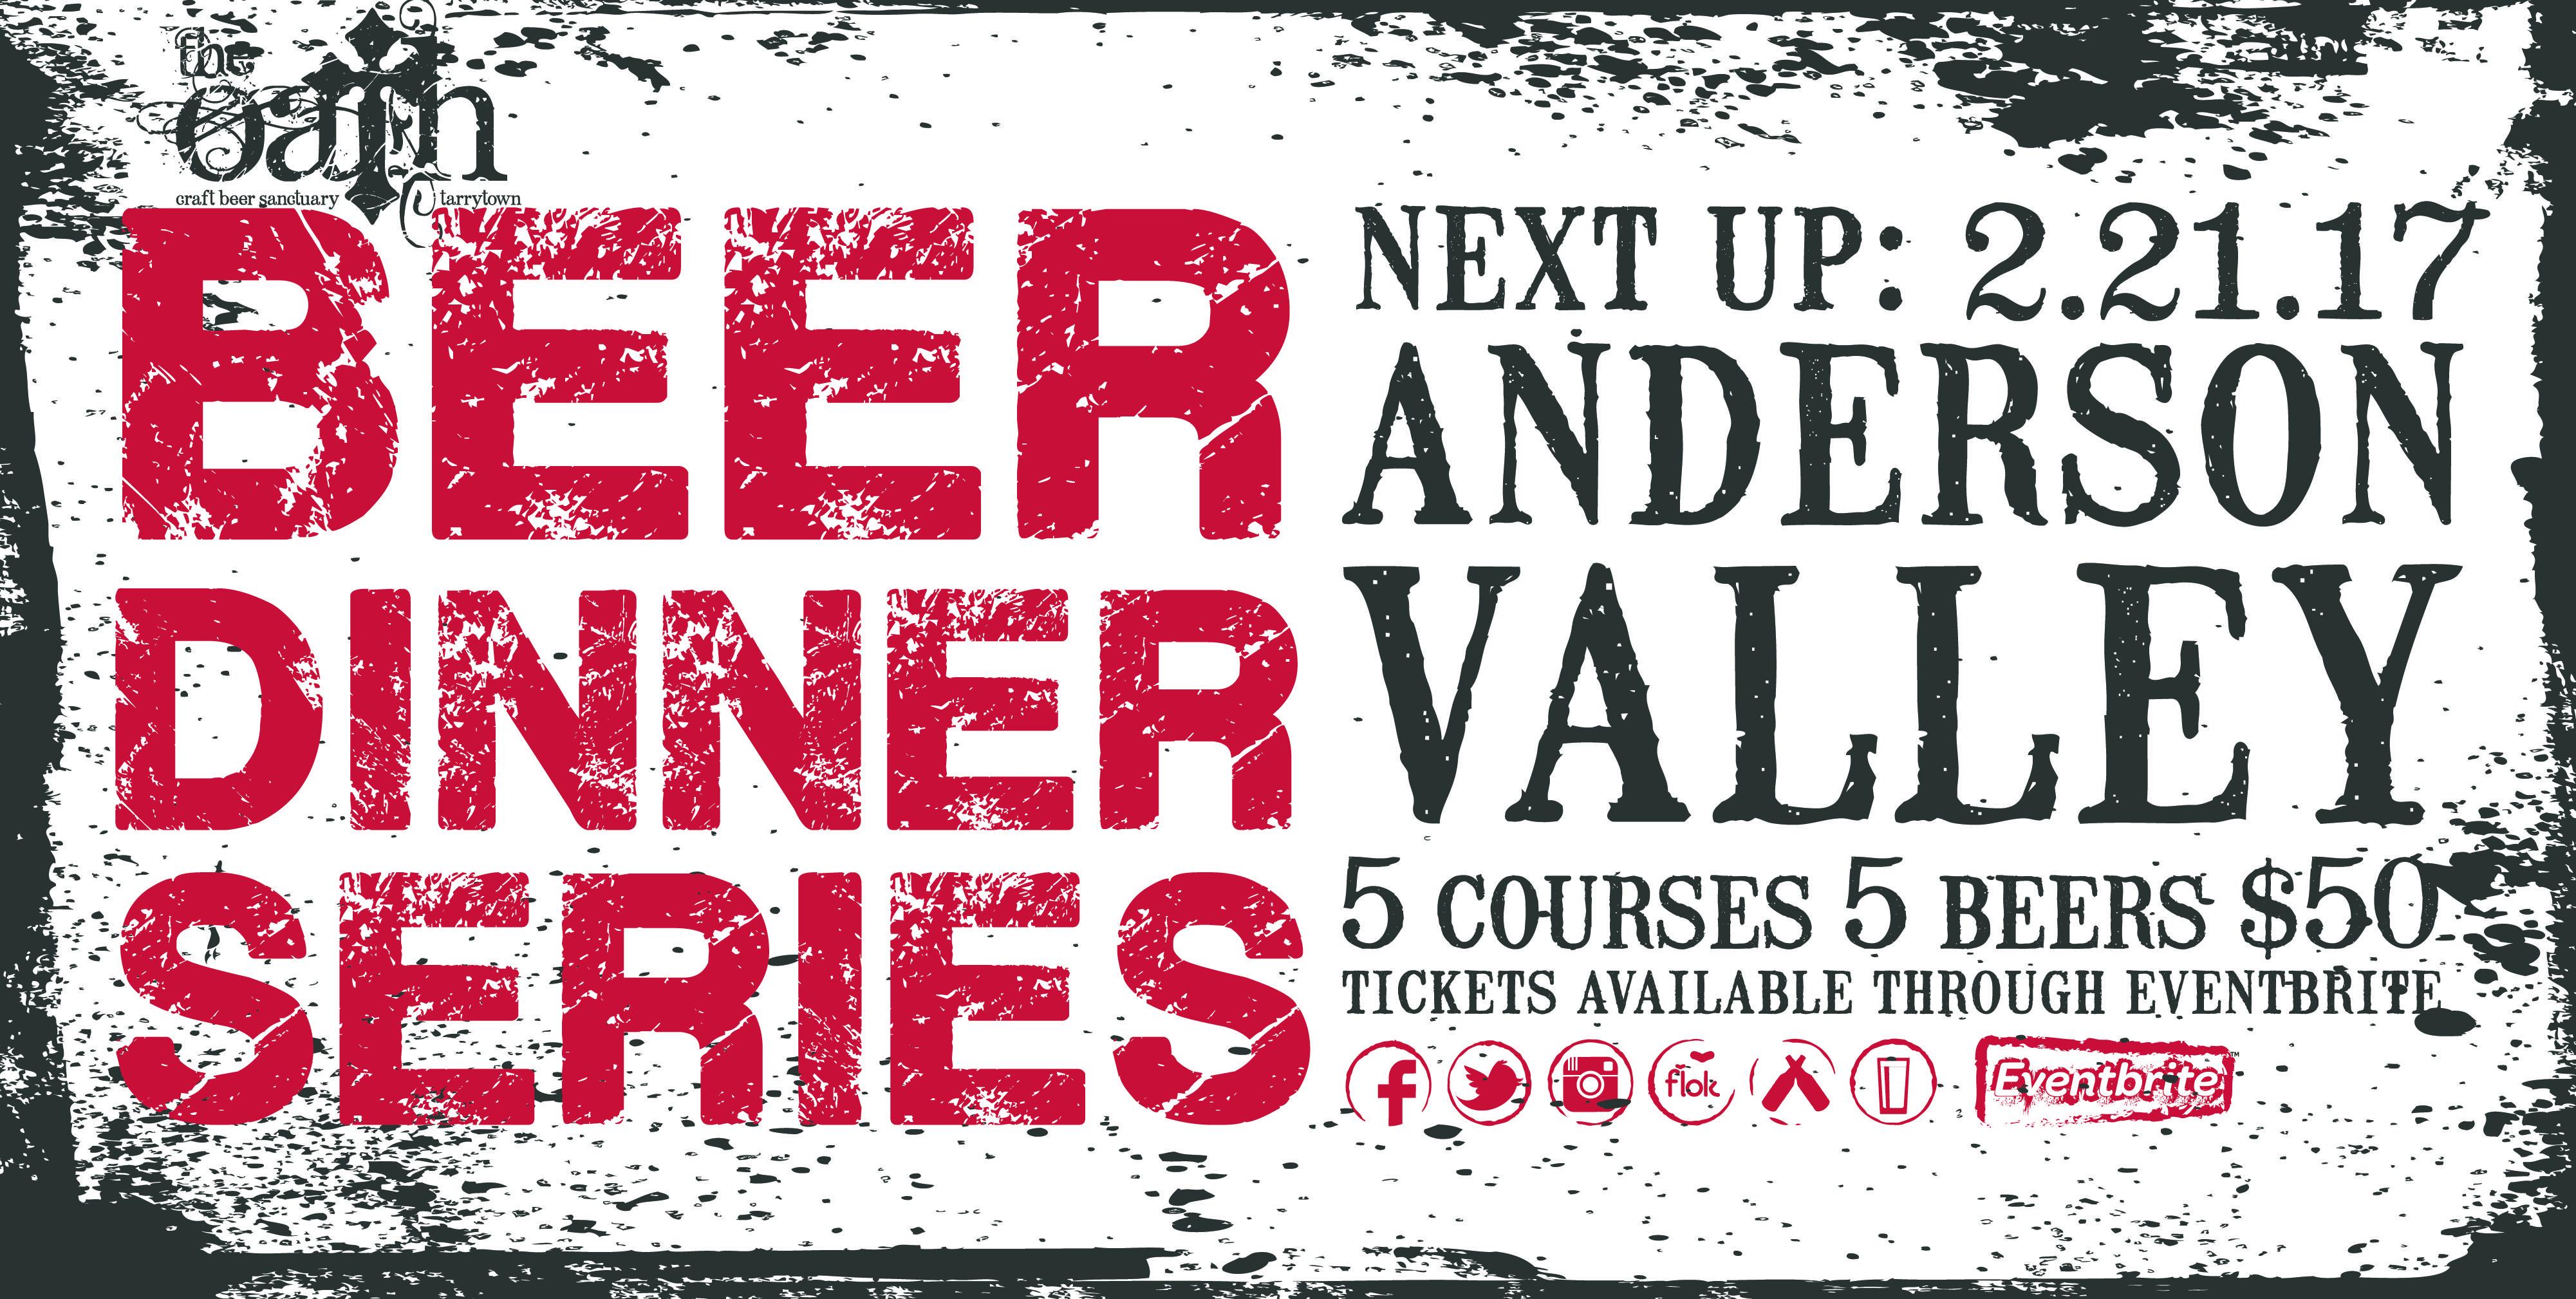 Beer Dinner Series - Anderson Valley